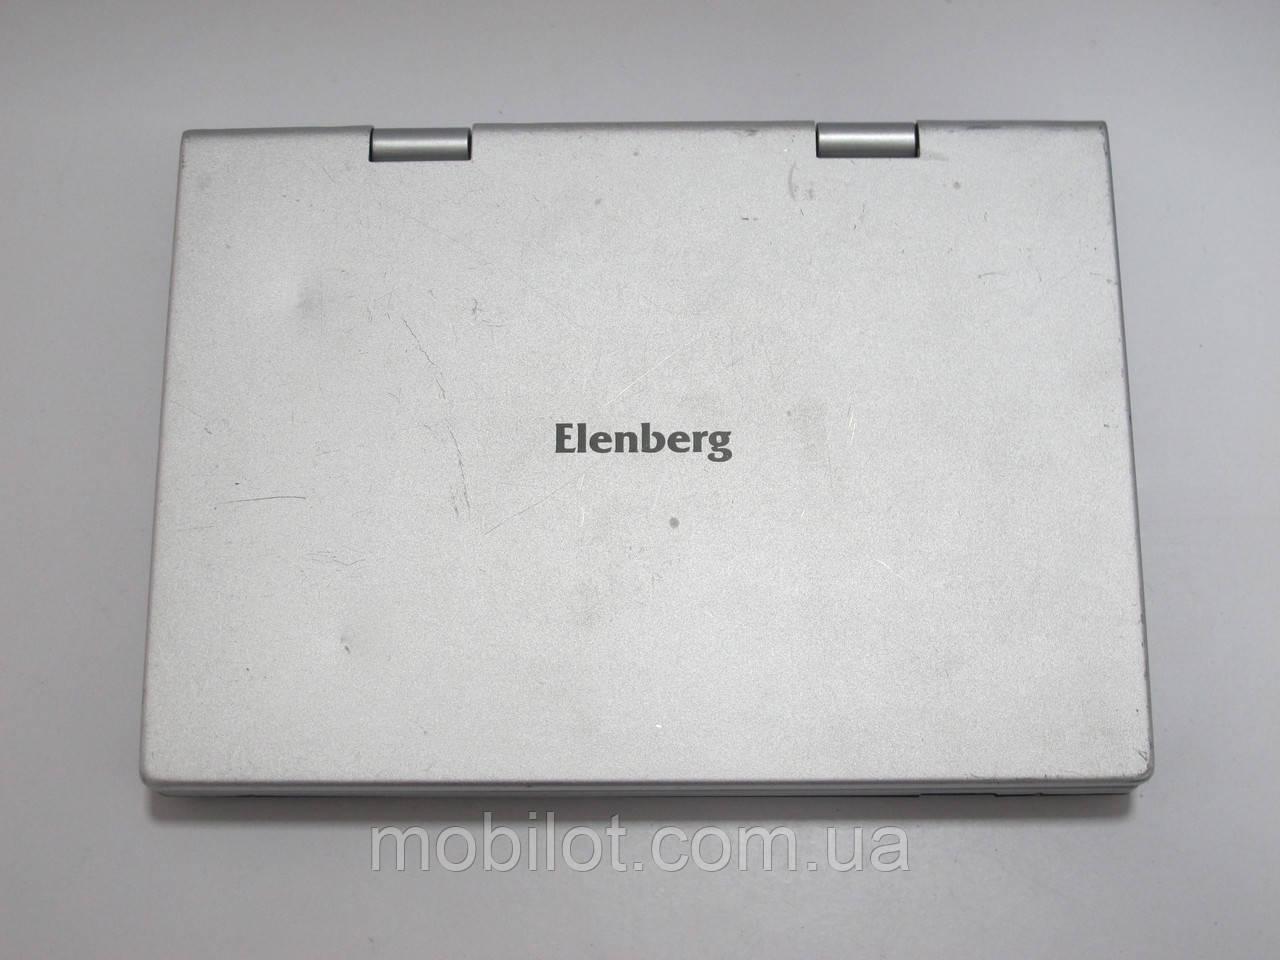 Портативный DVD плеер Elenberg LD-850 (NZ-4598)